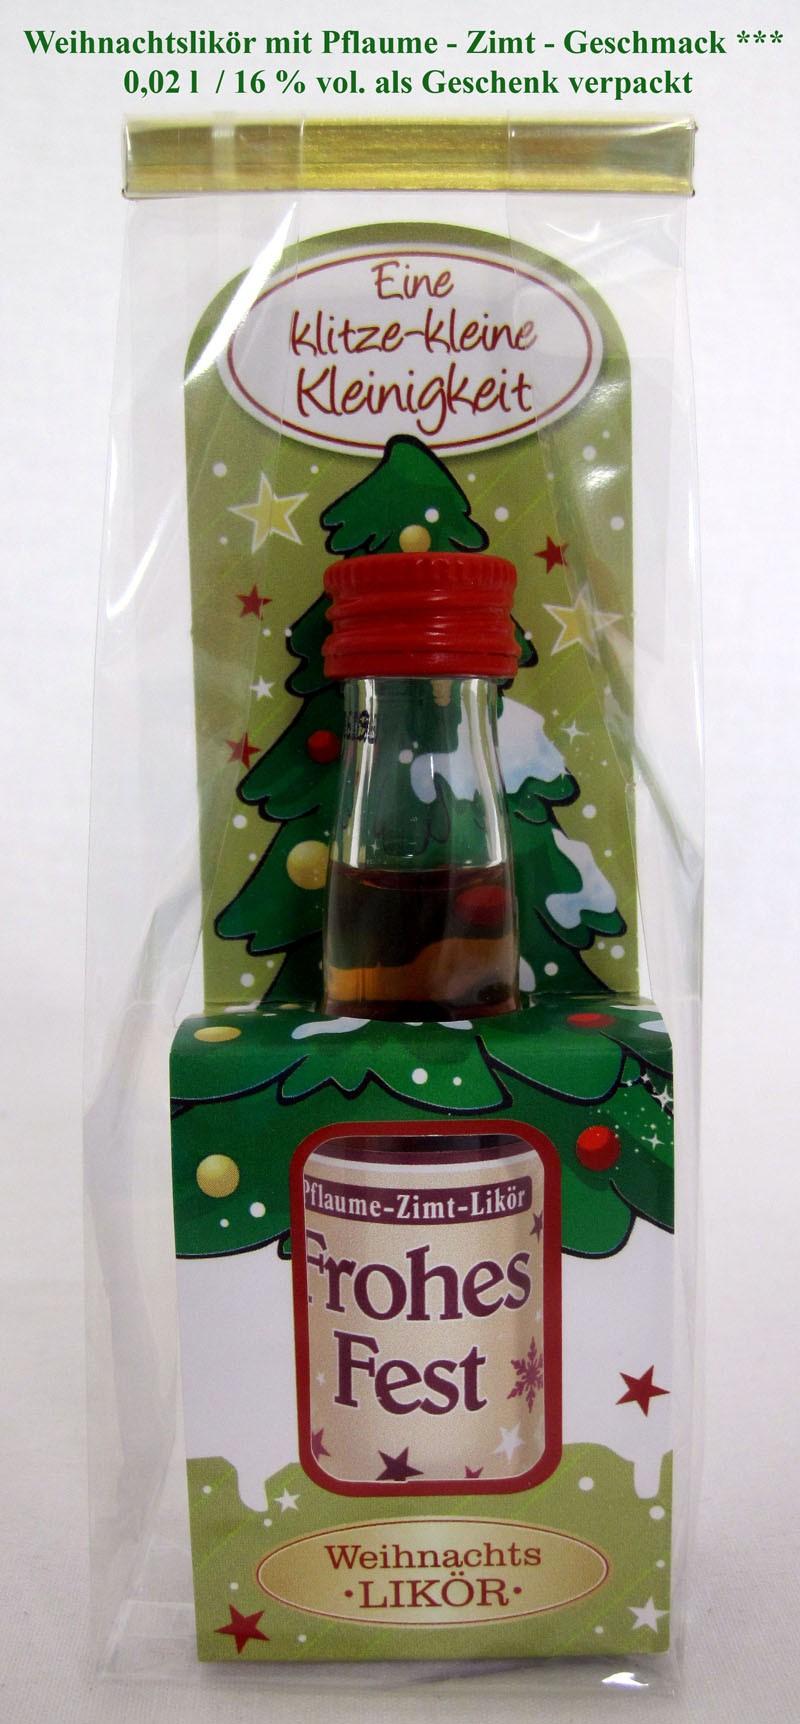 Weihnachten-kleines Likörpräsent Pflaume-Zimt in Geschenkfolie 0,02 l - 16% vol.